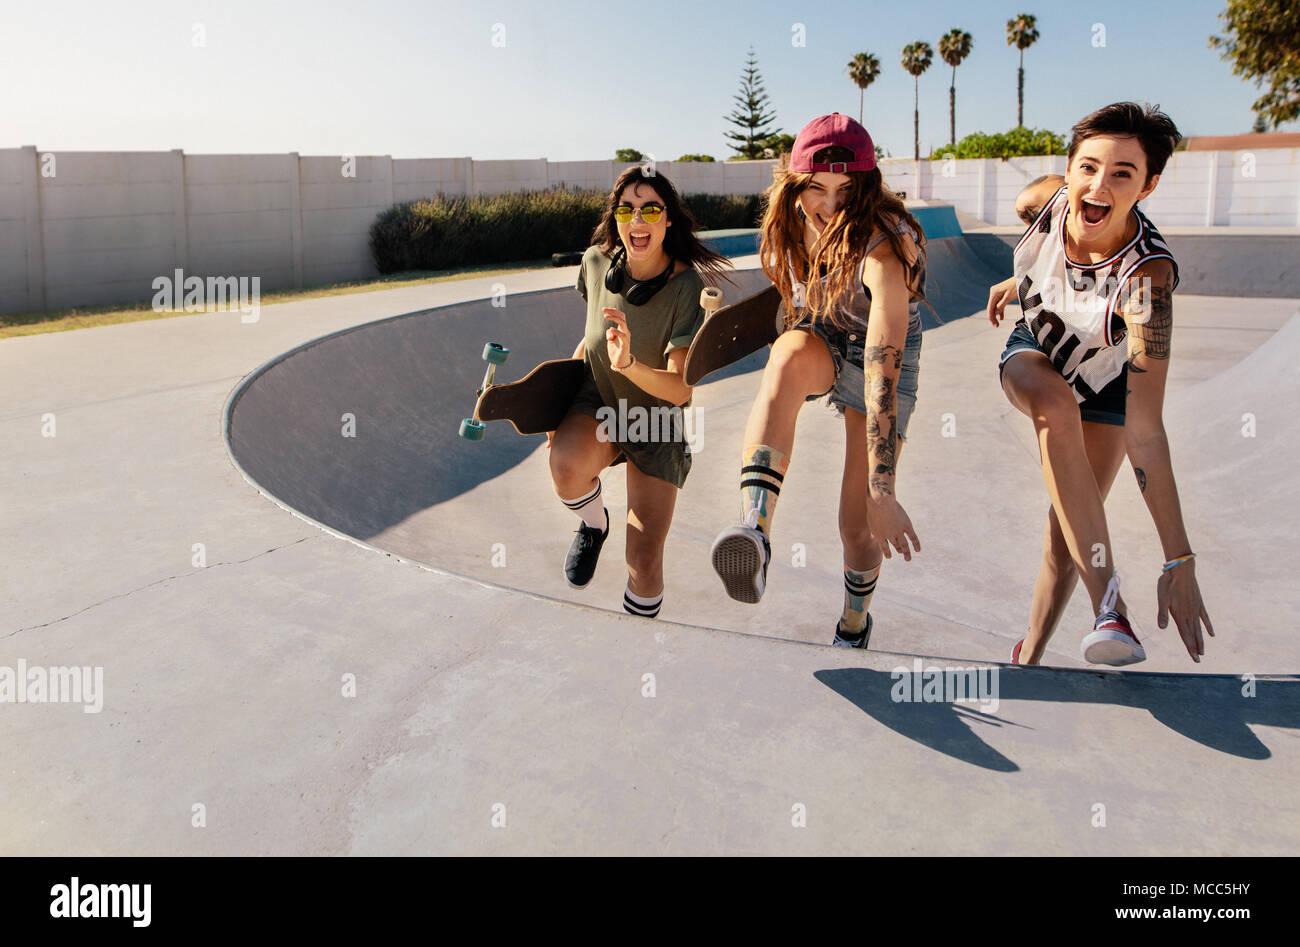 Laughing mujeres subiendo una rampa de skate. El grupo de niñas teniendo un  gran momento d973356536e